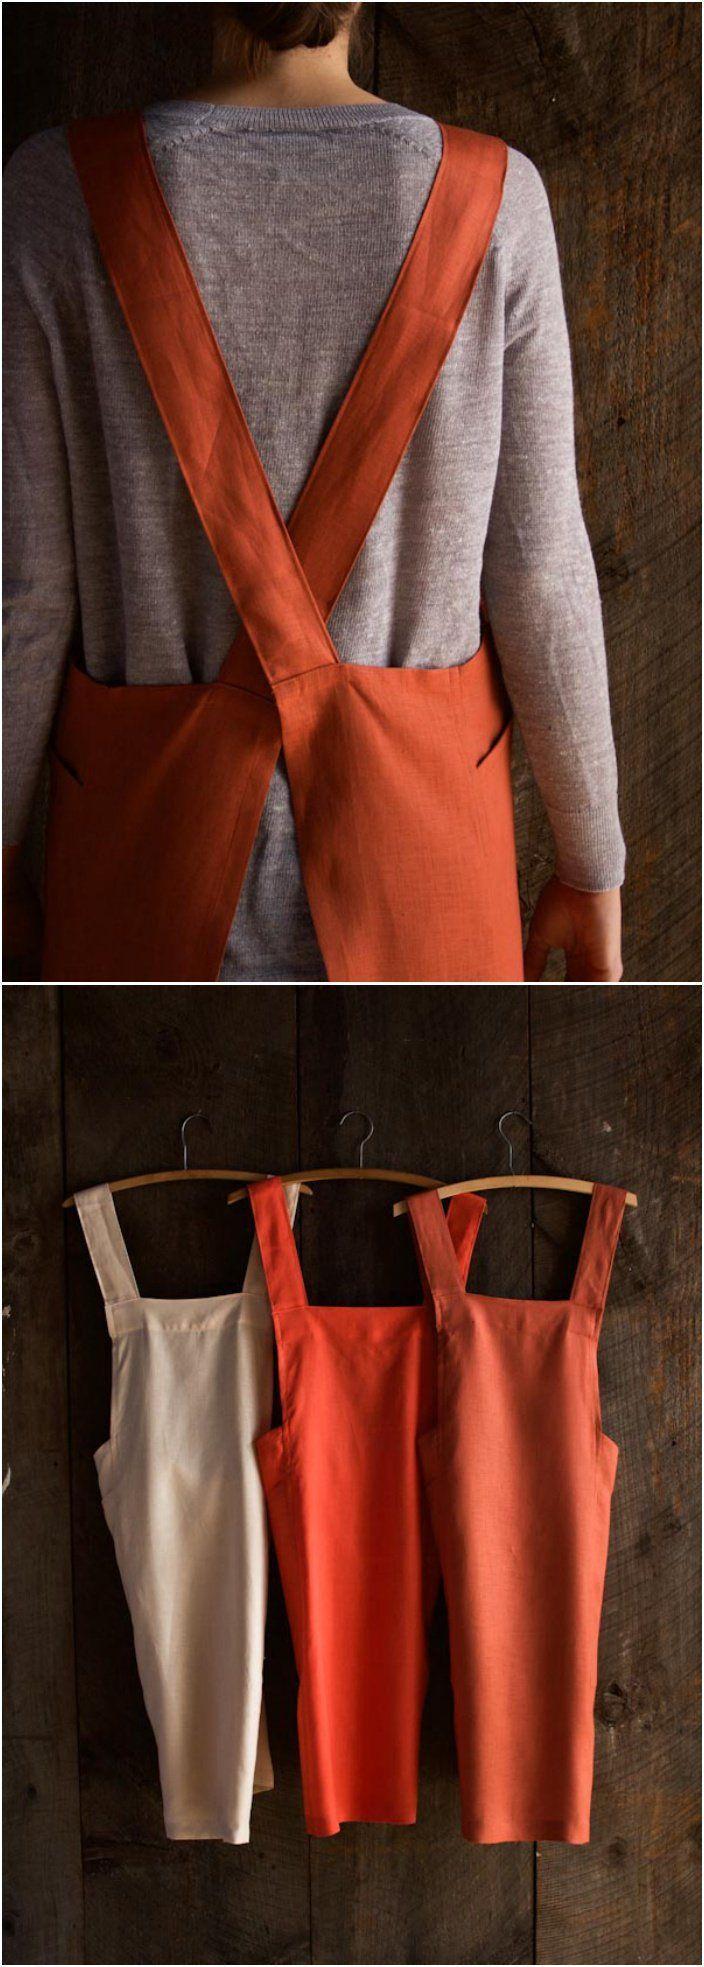 16 DIY Apron Sewing Patterns | Handarbeiten, Nähen und Kleider